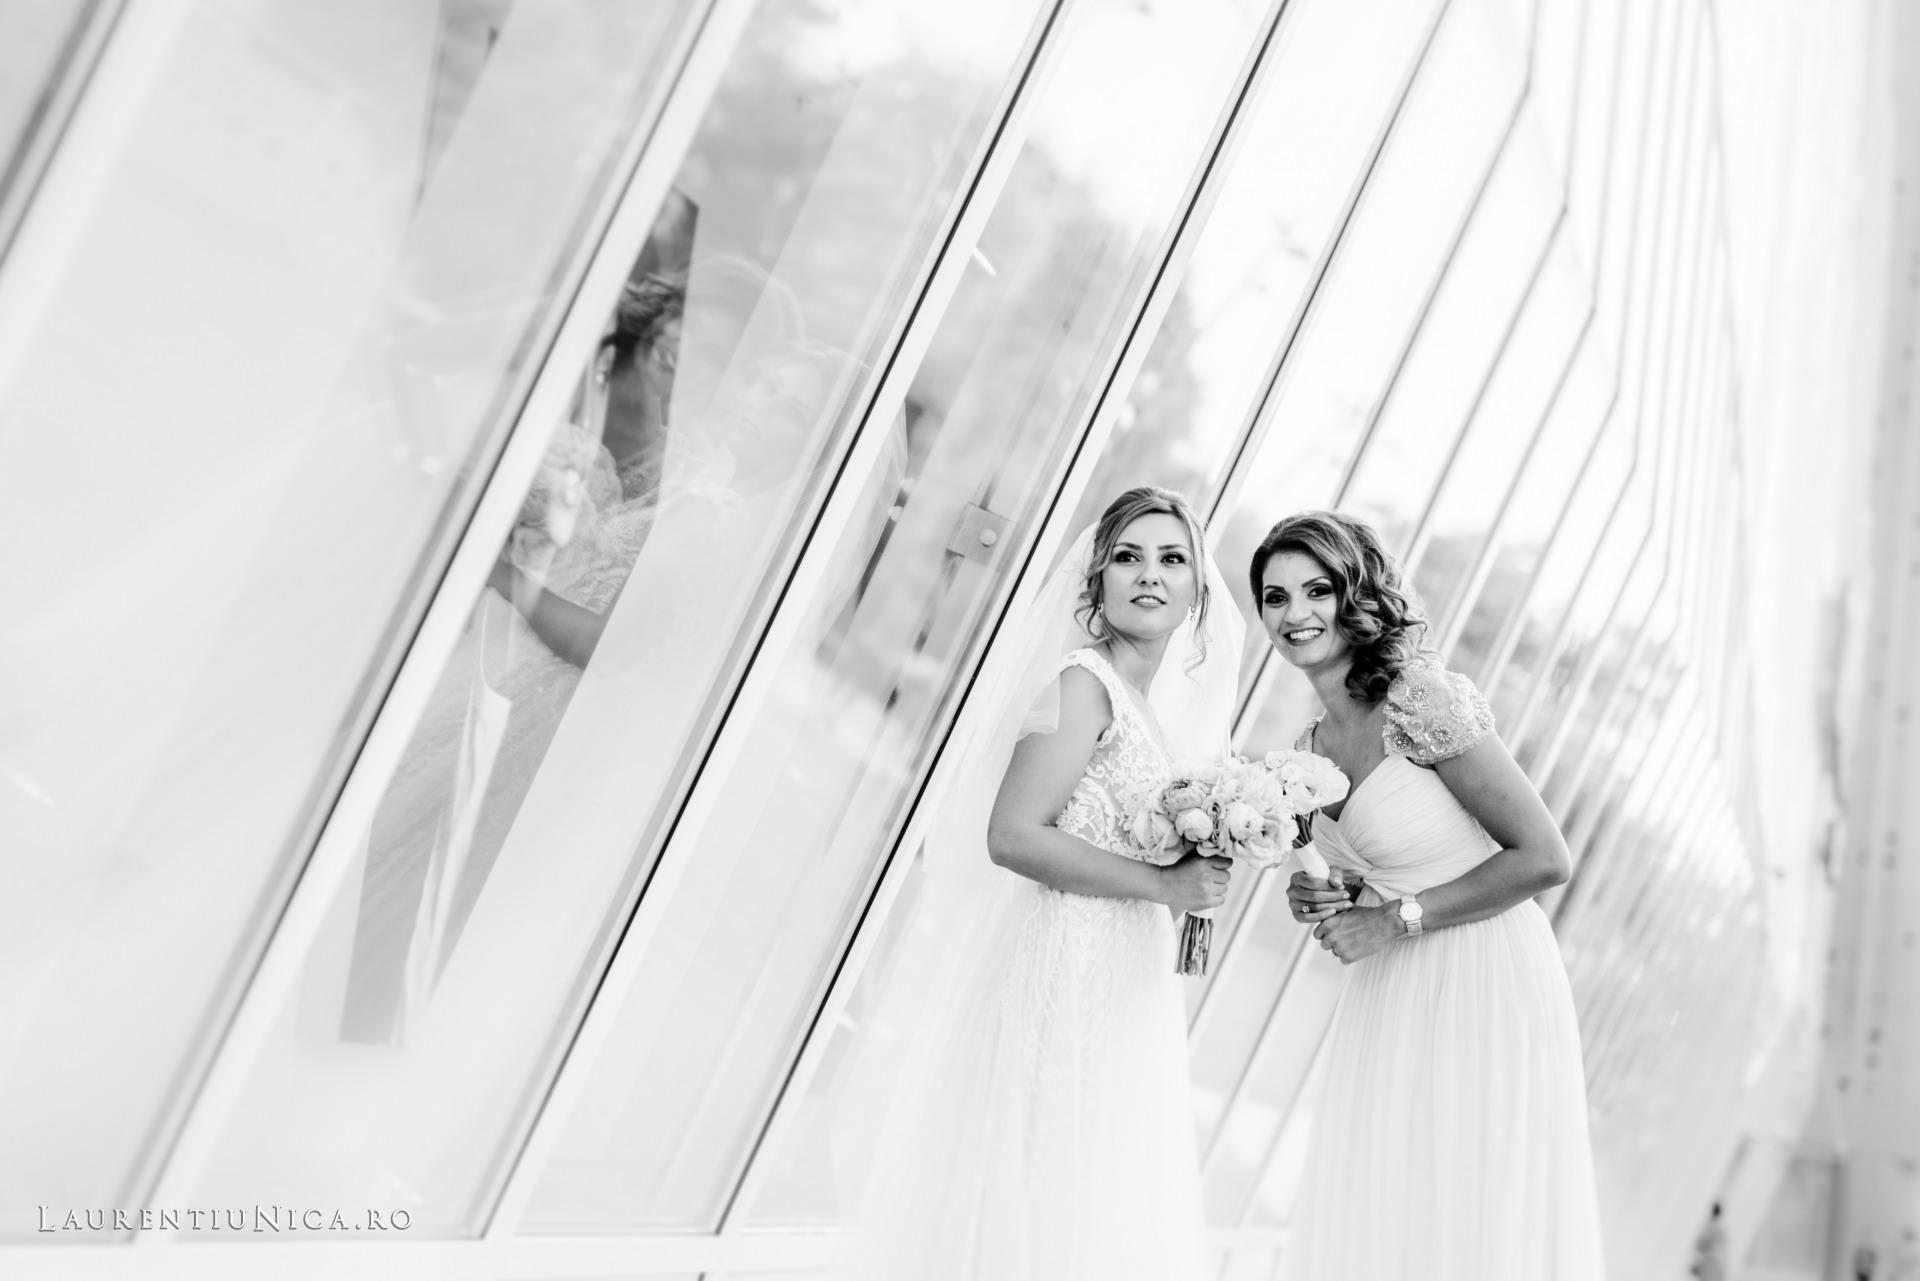 carolina si sorin craiova fotograf nunta laurentiu nica34 - Carolina & Sorin | Fotografii nunta